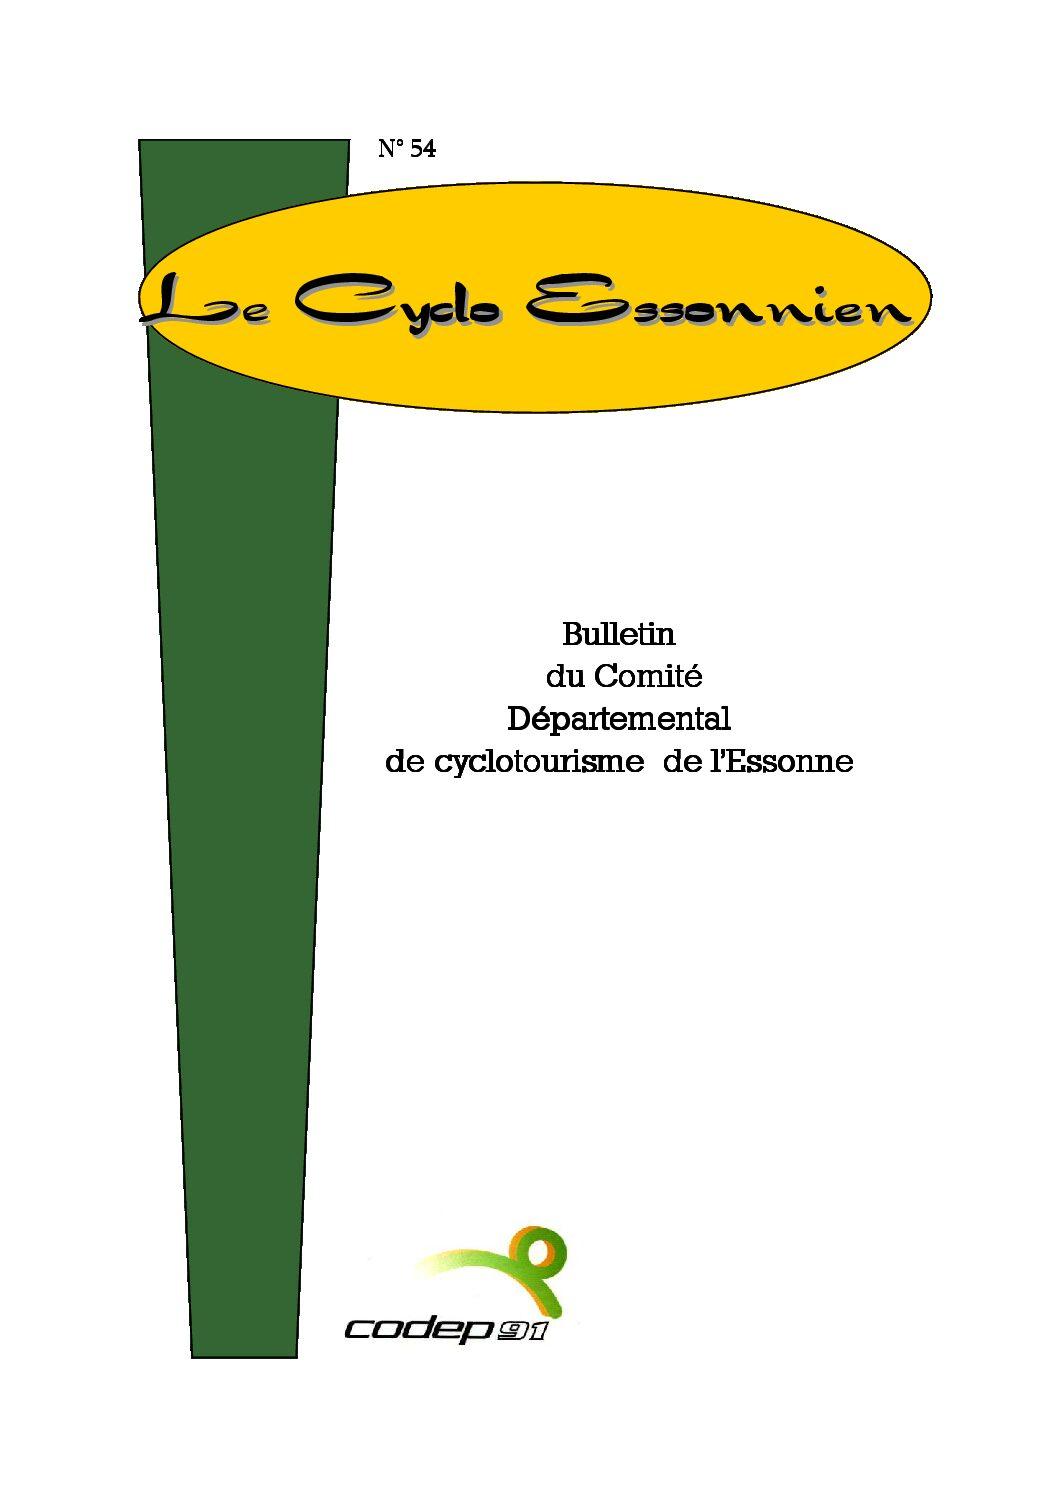 Le Cyclo Essonnien n°54